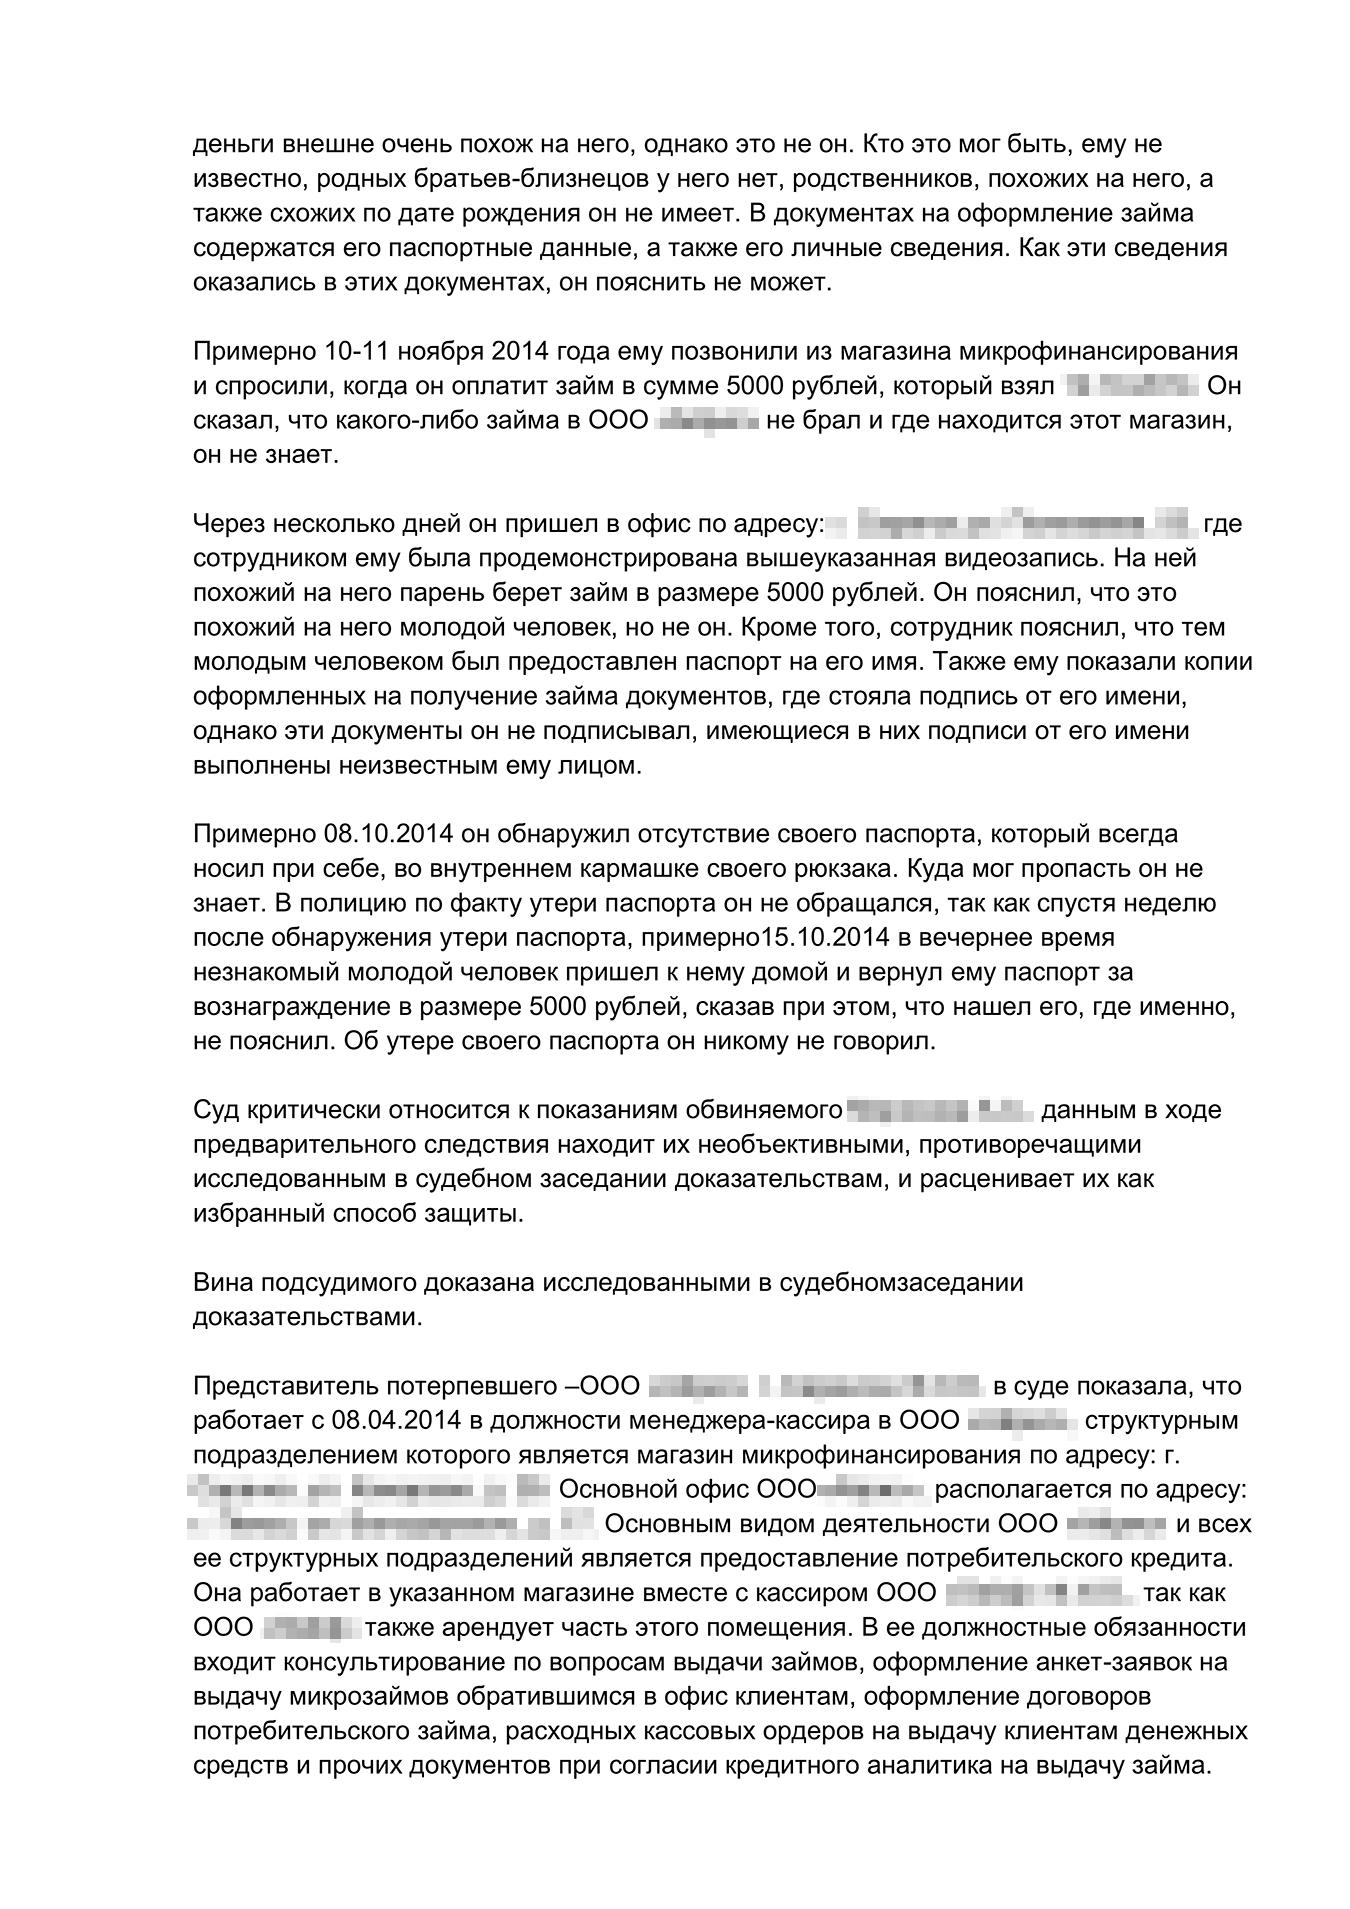 Кредитный займ мкк ооо